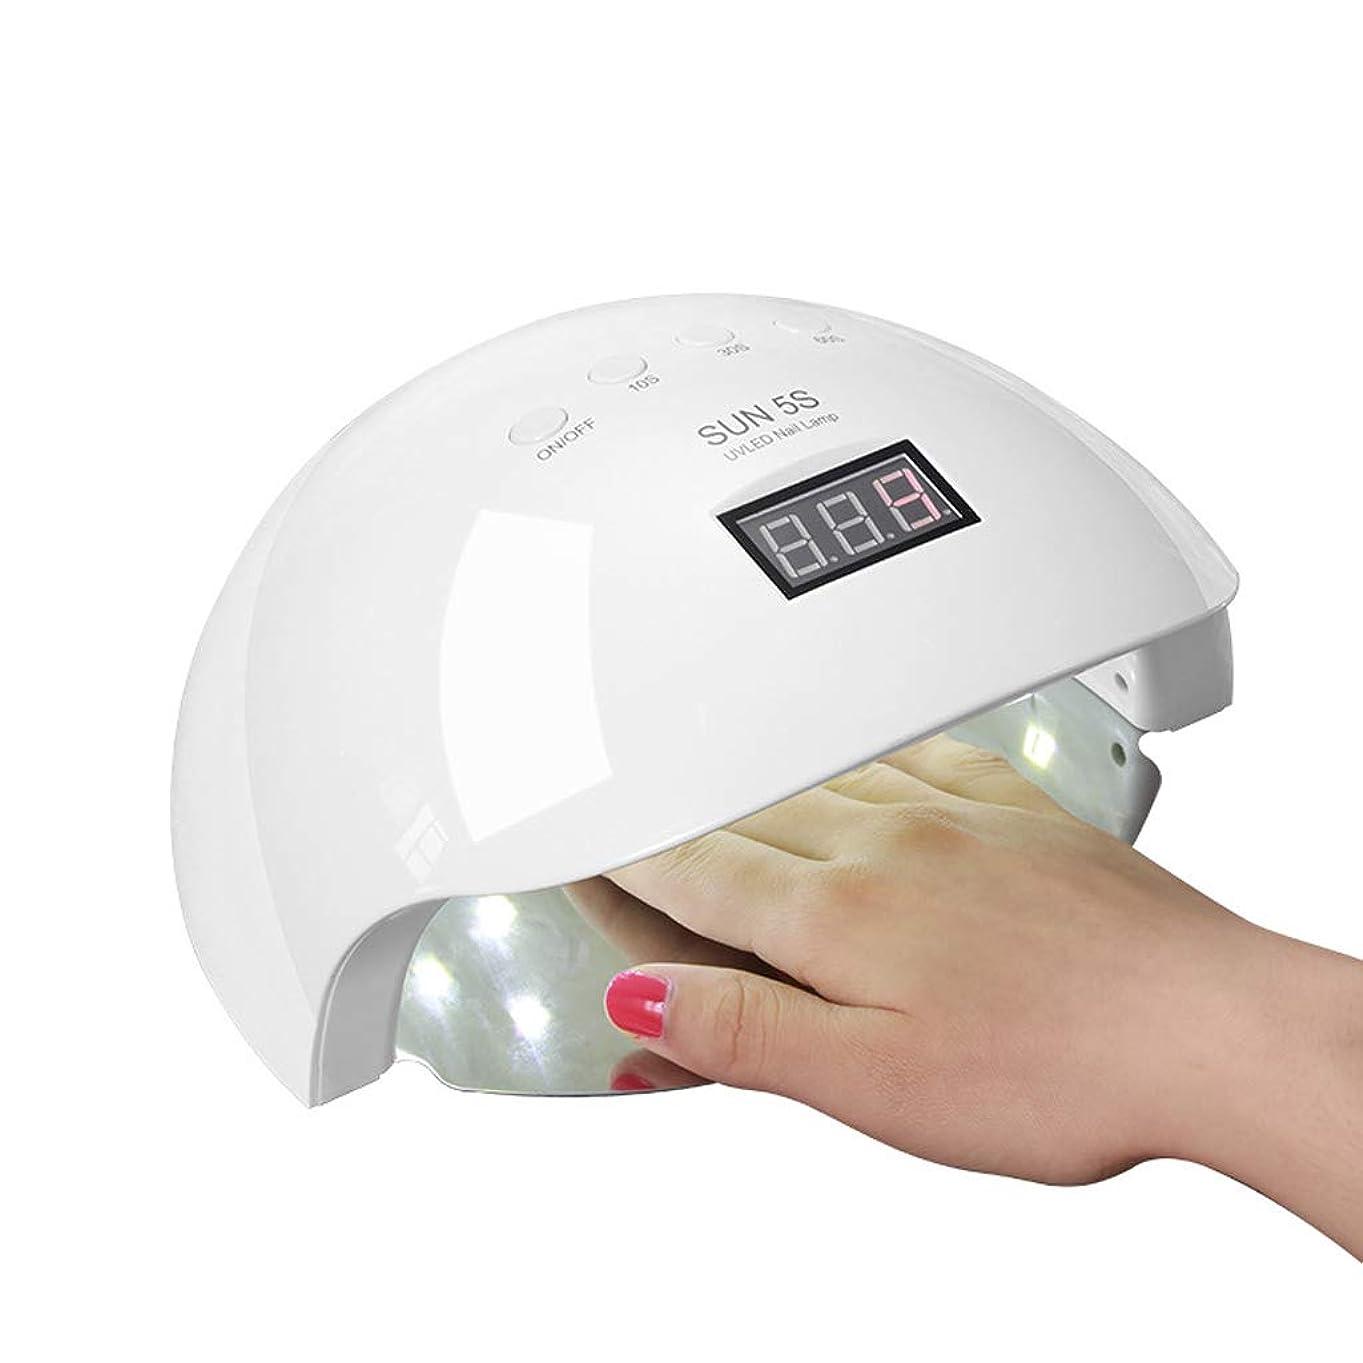 静脈ブラウスメイエラ50W LEDネイルドライヤー、インテリジェントポリッシングジェルネイルフォトセラピー接着剤デュアル電源設計